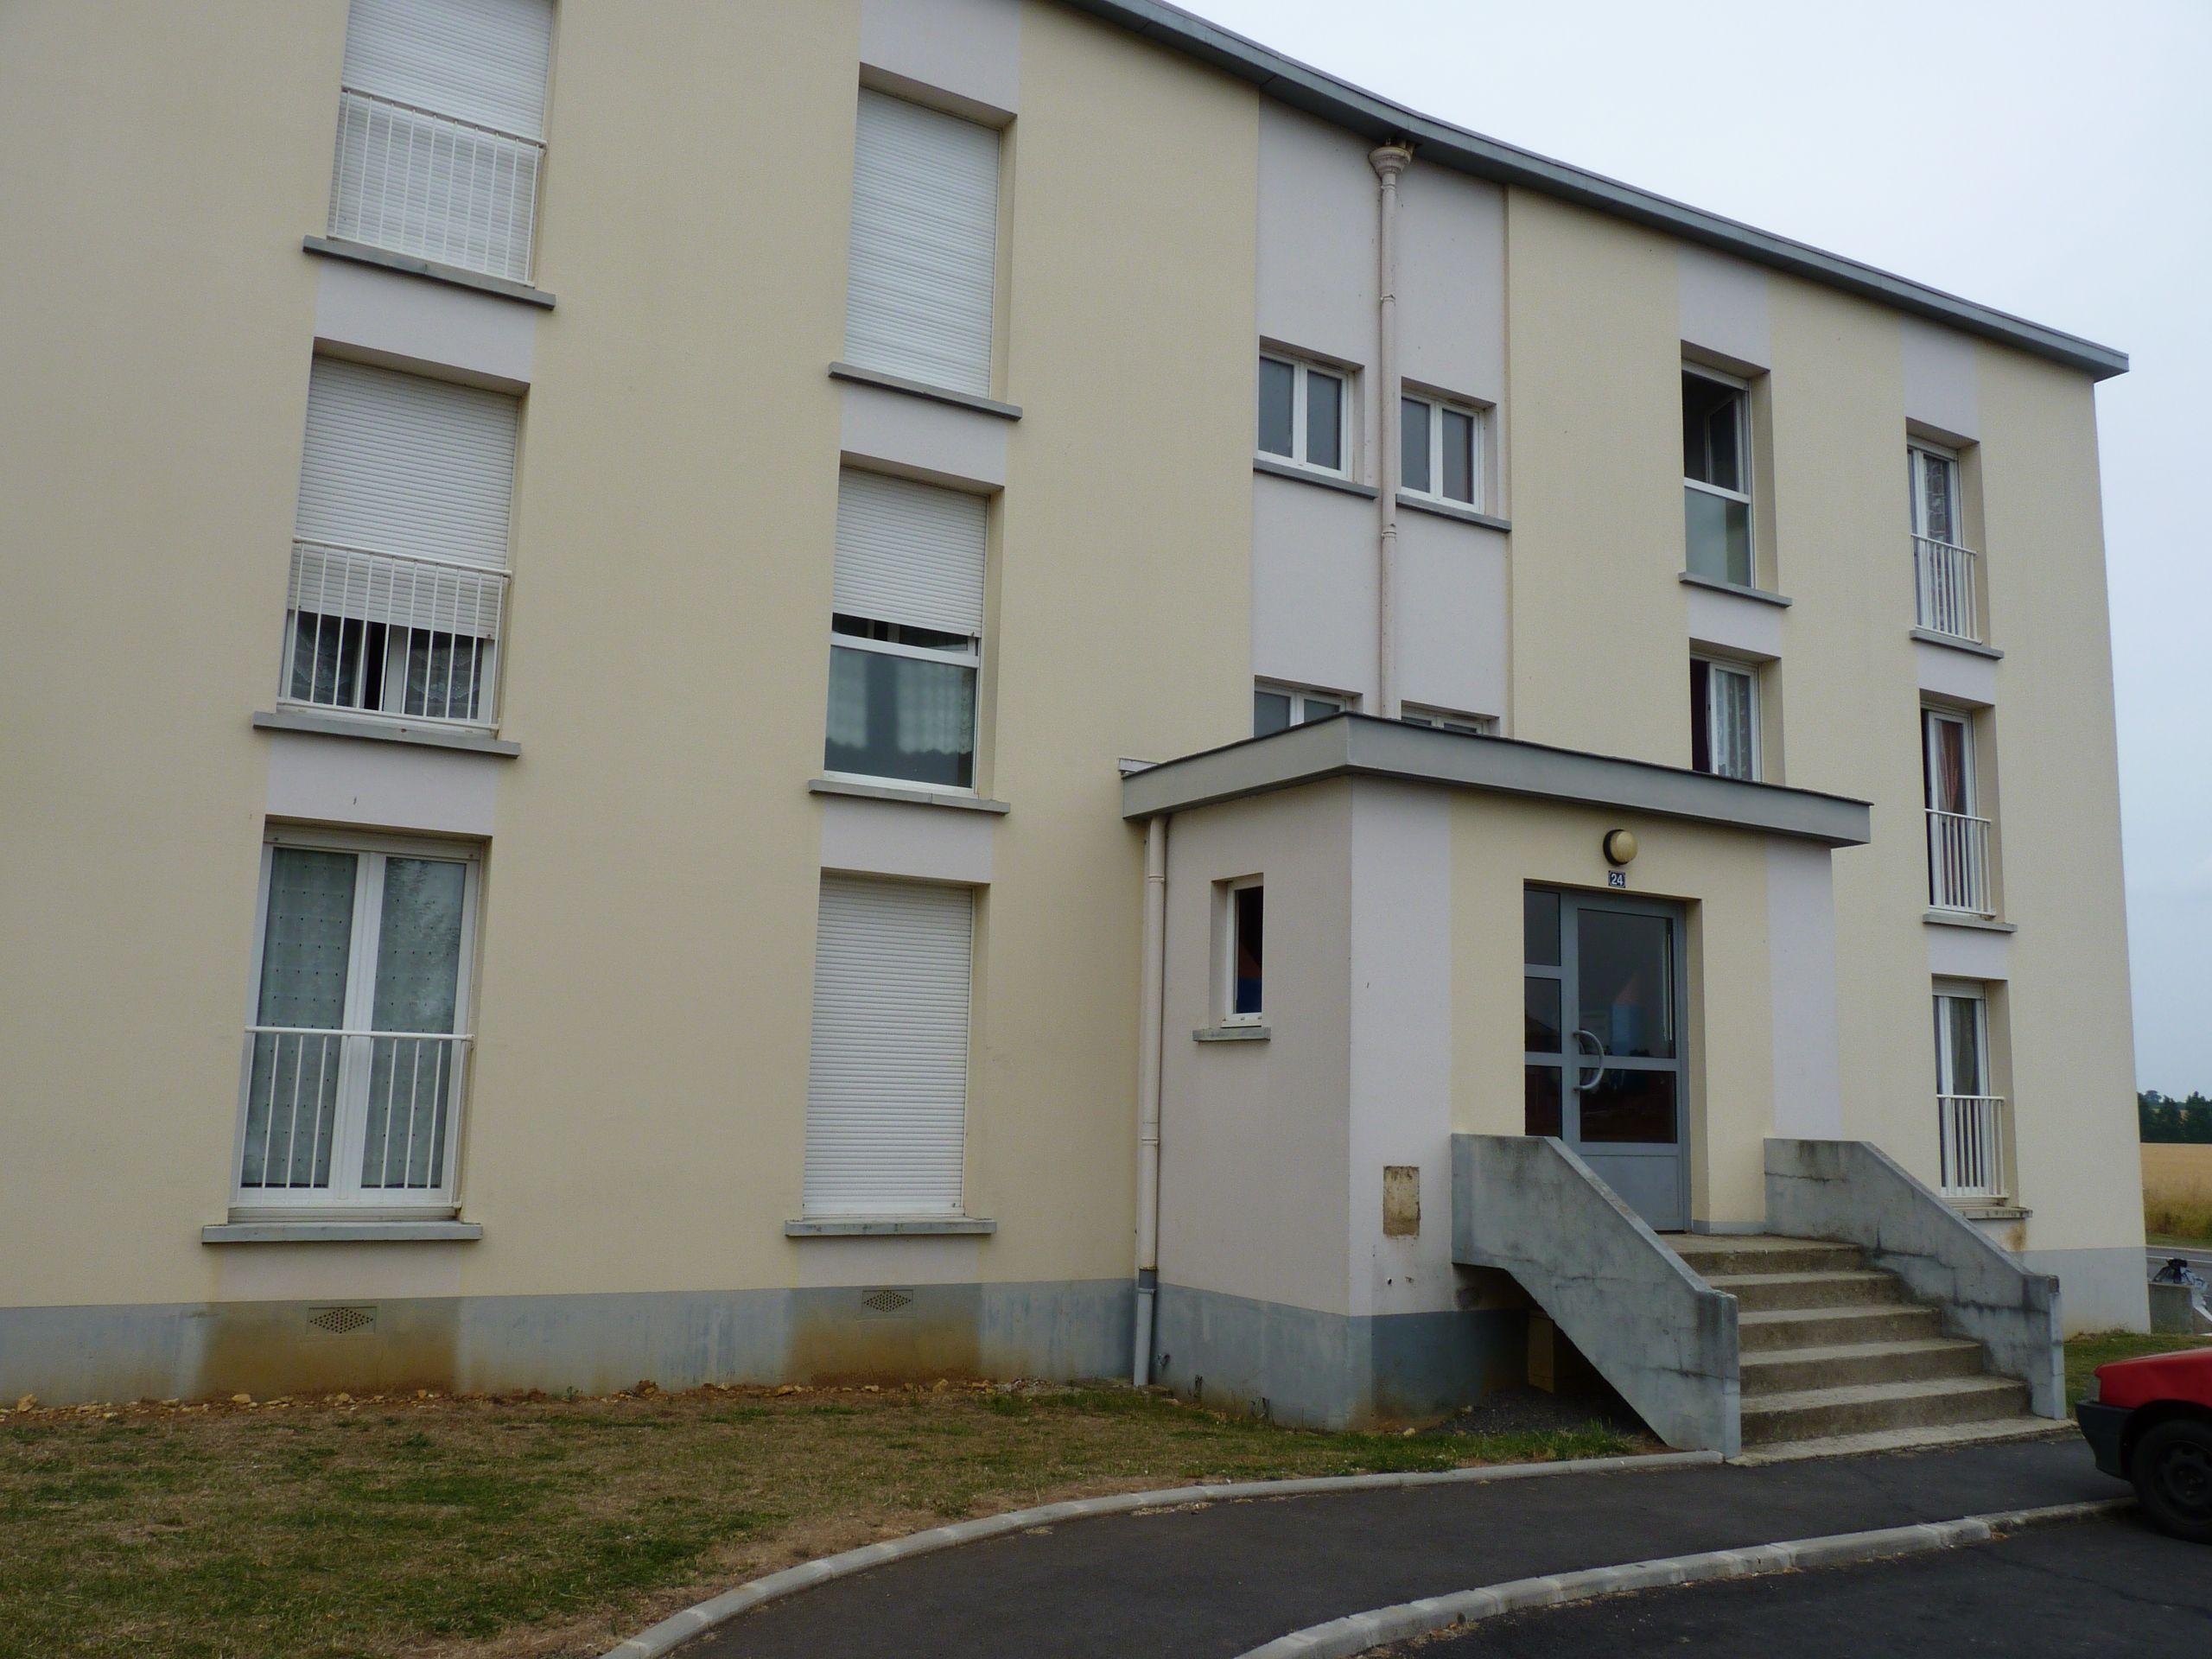 Logement couch locataion appartement t2 for Entretien exterieur locataire